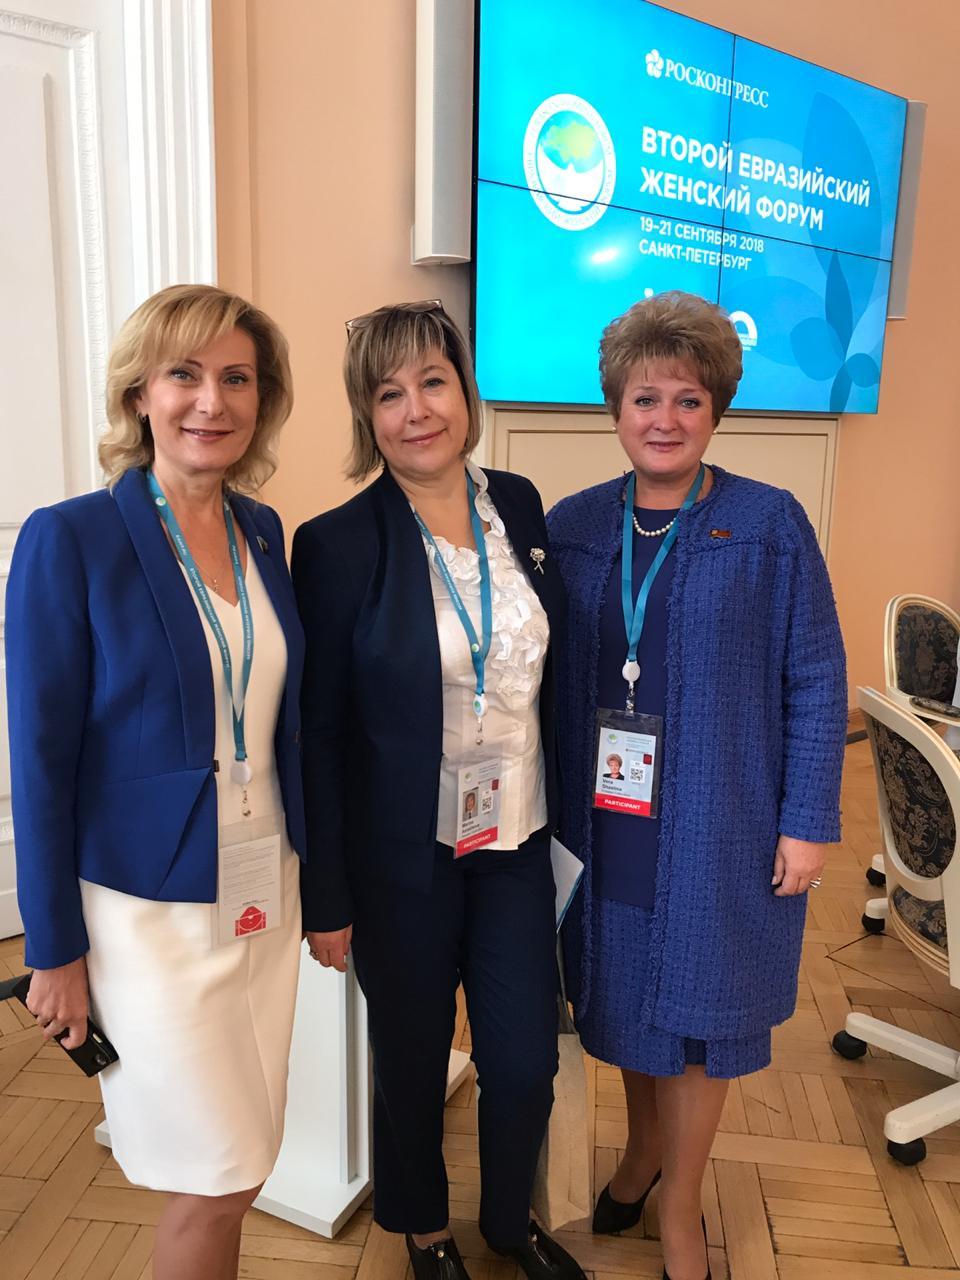 Второй Евразийский женский форум.